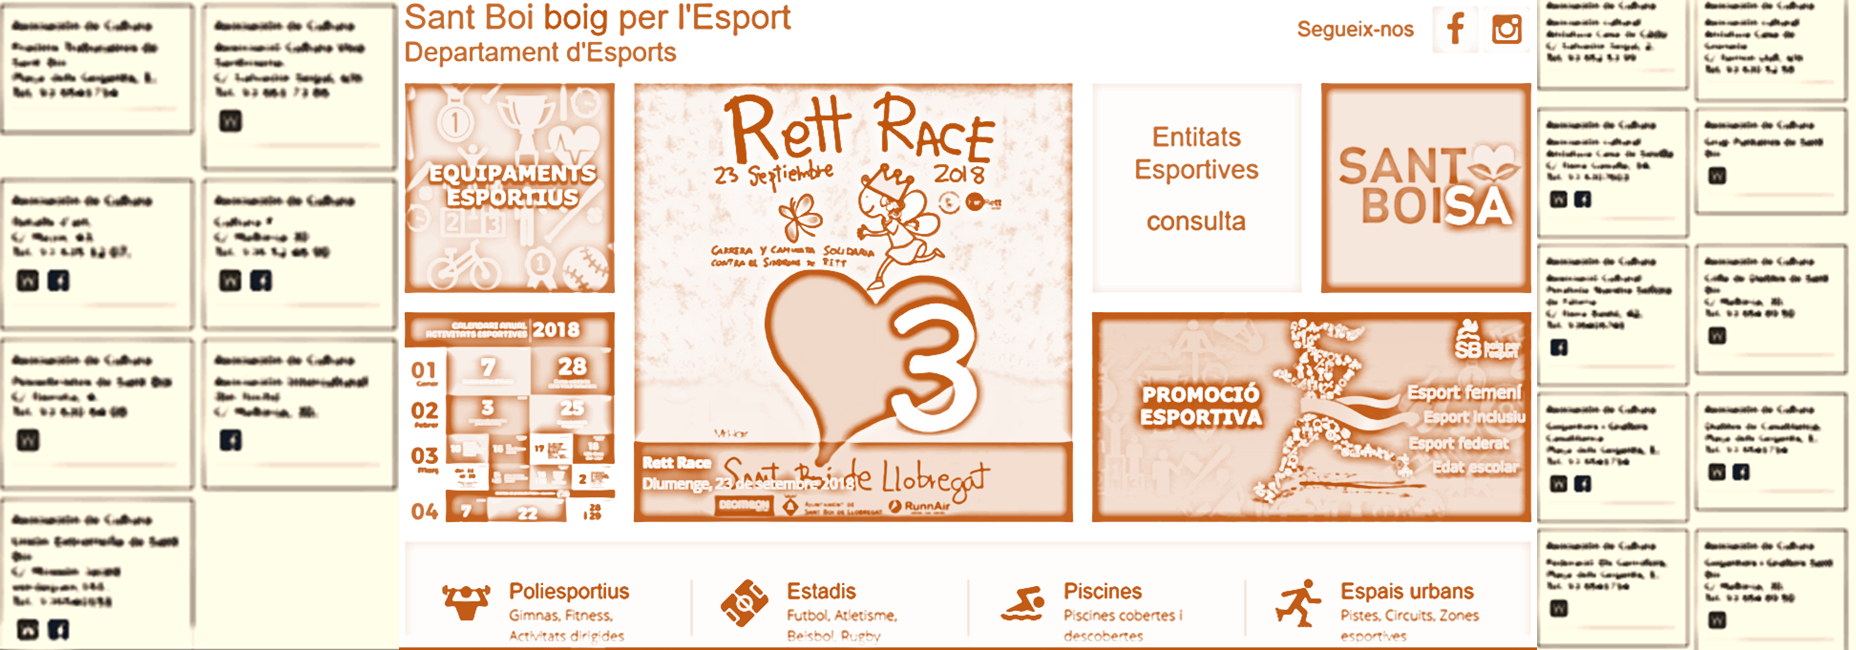 oci esport cultura Sant Boi de Llobregat